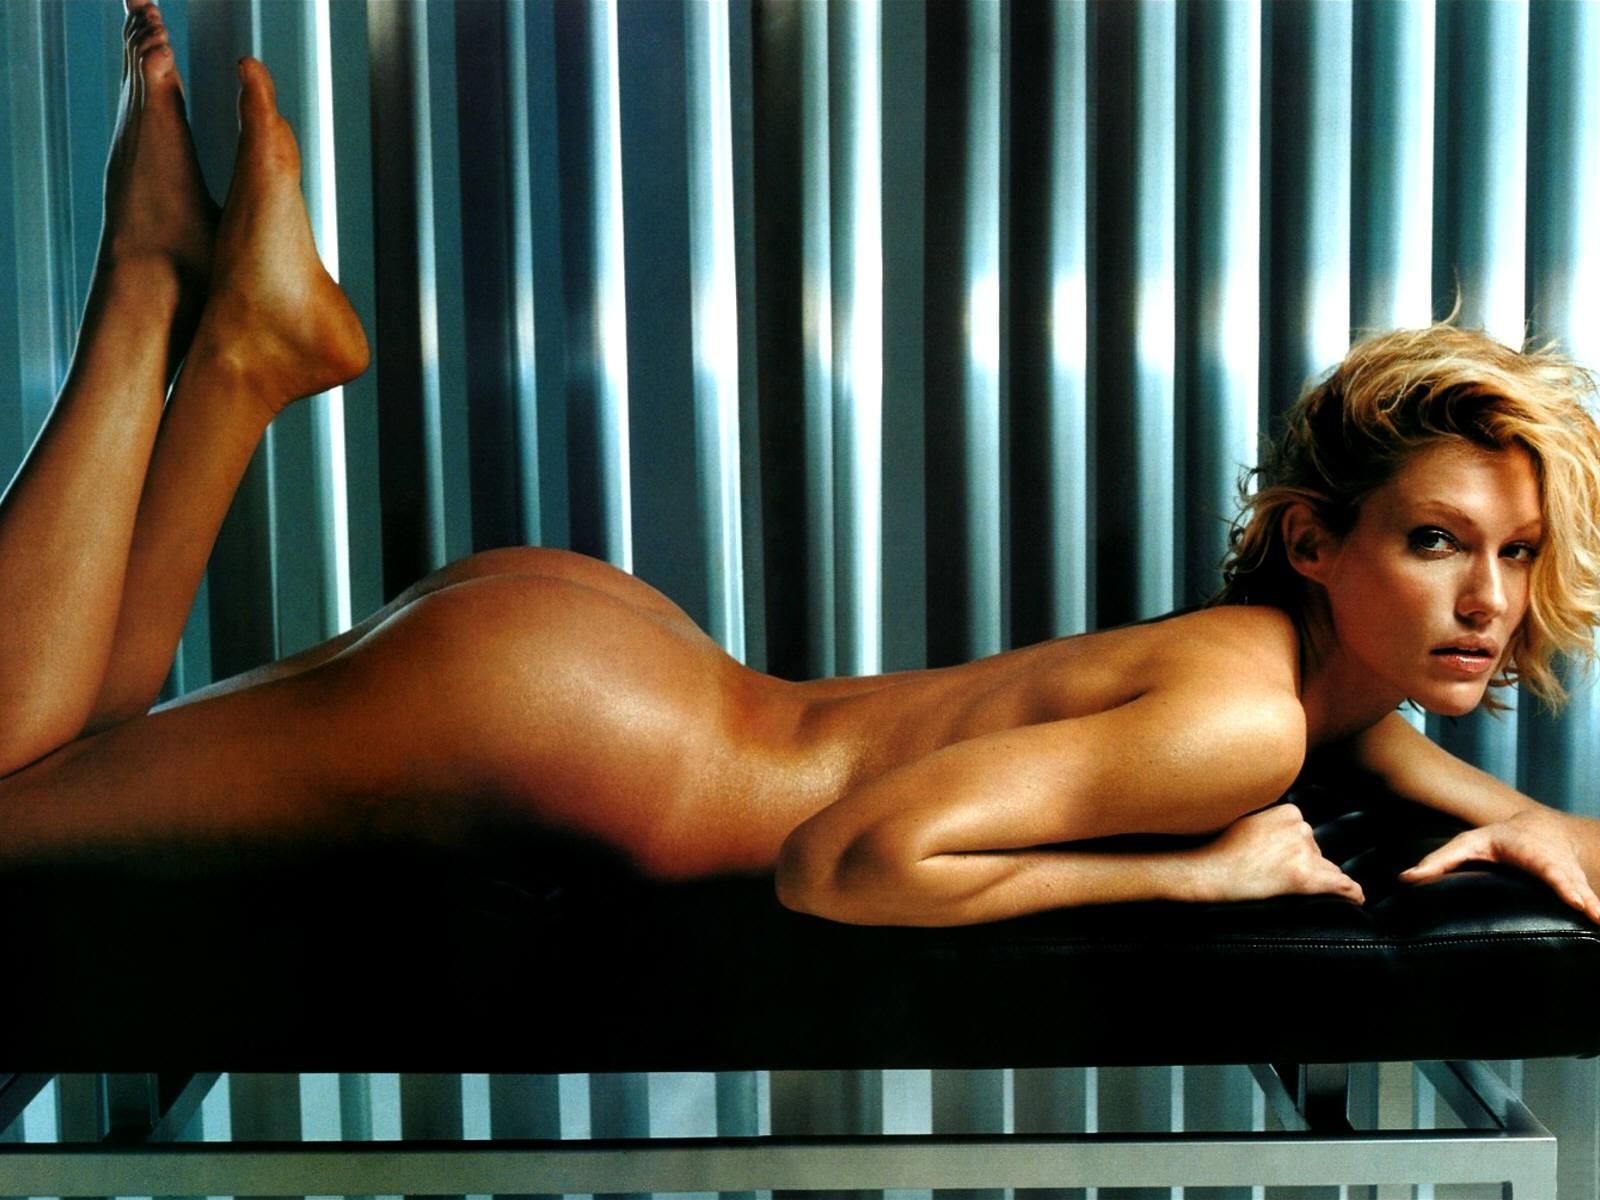 Wallpaper: un nudo elegante e sensuale di Tricia Helfer